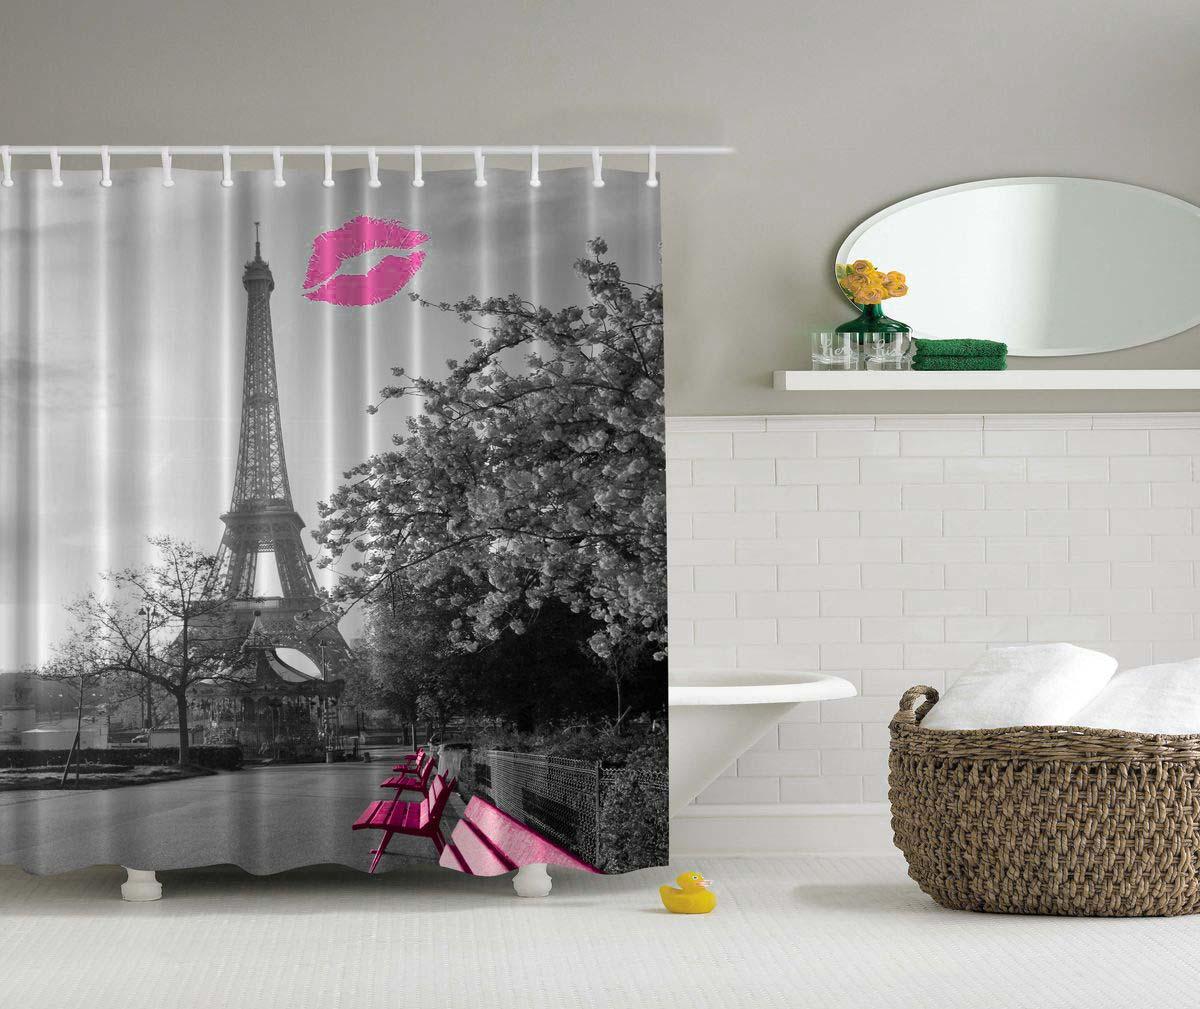 Штора для ванной комнаты Magic Lady Поцелуй в Париже, 180 х 200 смшв_4419Штора Magic Lady Поцелуй в Париже, изготовленная из высококачественного сатена (полиэстер 100%), отлично дополнит любой интерьер ванной комнаты. При изготовлении используются специальные гипоаллергенные чернила для прямой печати по ткани, безопасные для человека.В комплекте: 1 штора, 12 крючков. Обращаем ваше внимание, фактический цвет изделия может незначительно отличаться от представленного на фото.